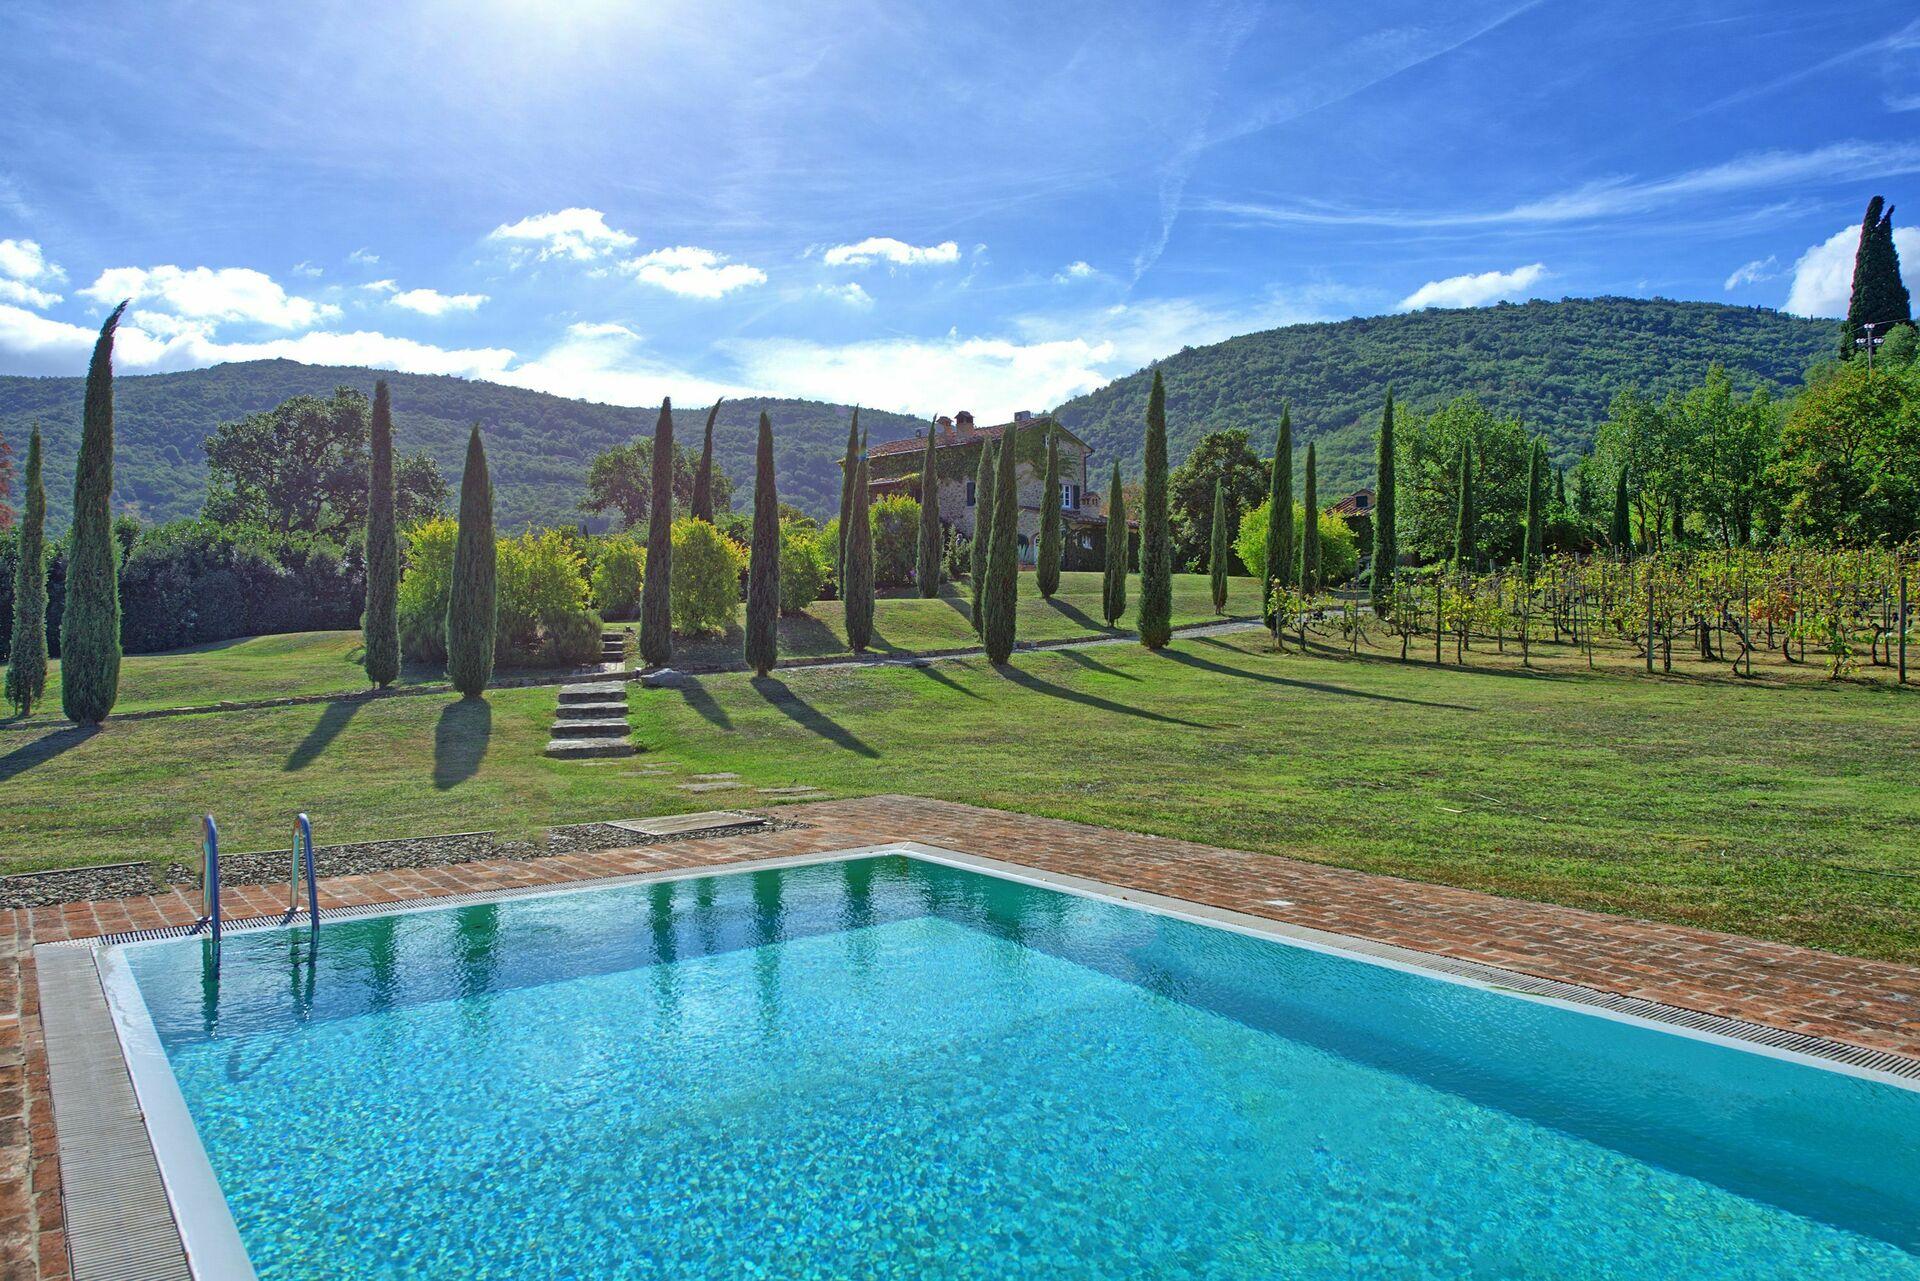 Villa Piazzano, Villa vacation rental in Il Passaggio Tuscany - 12 ...